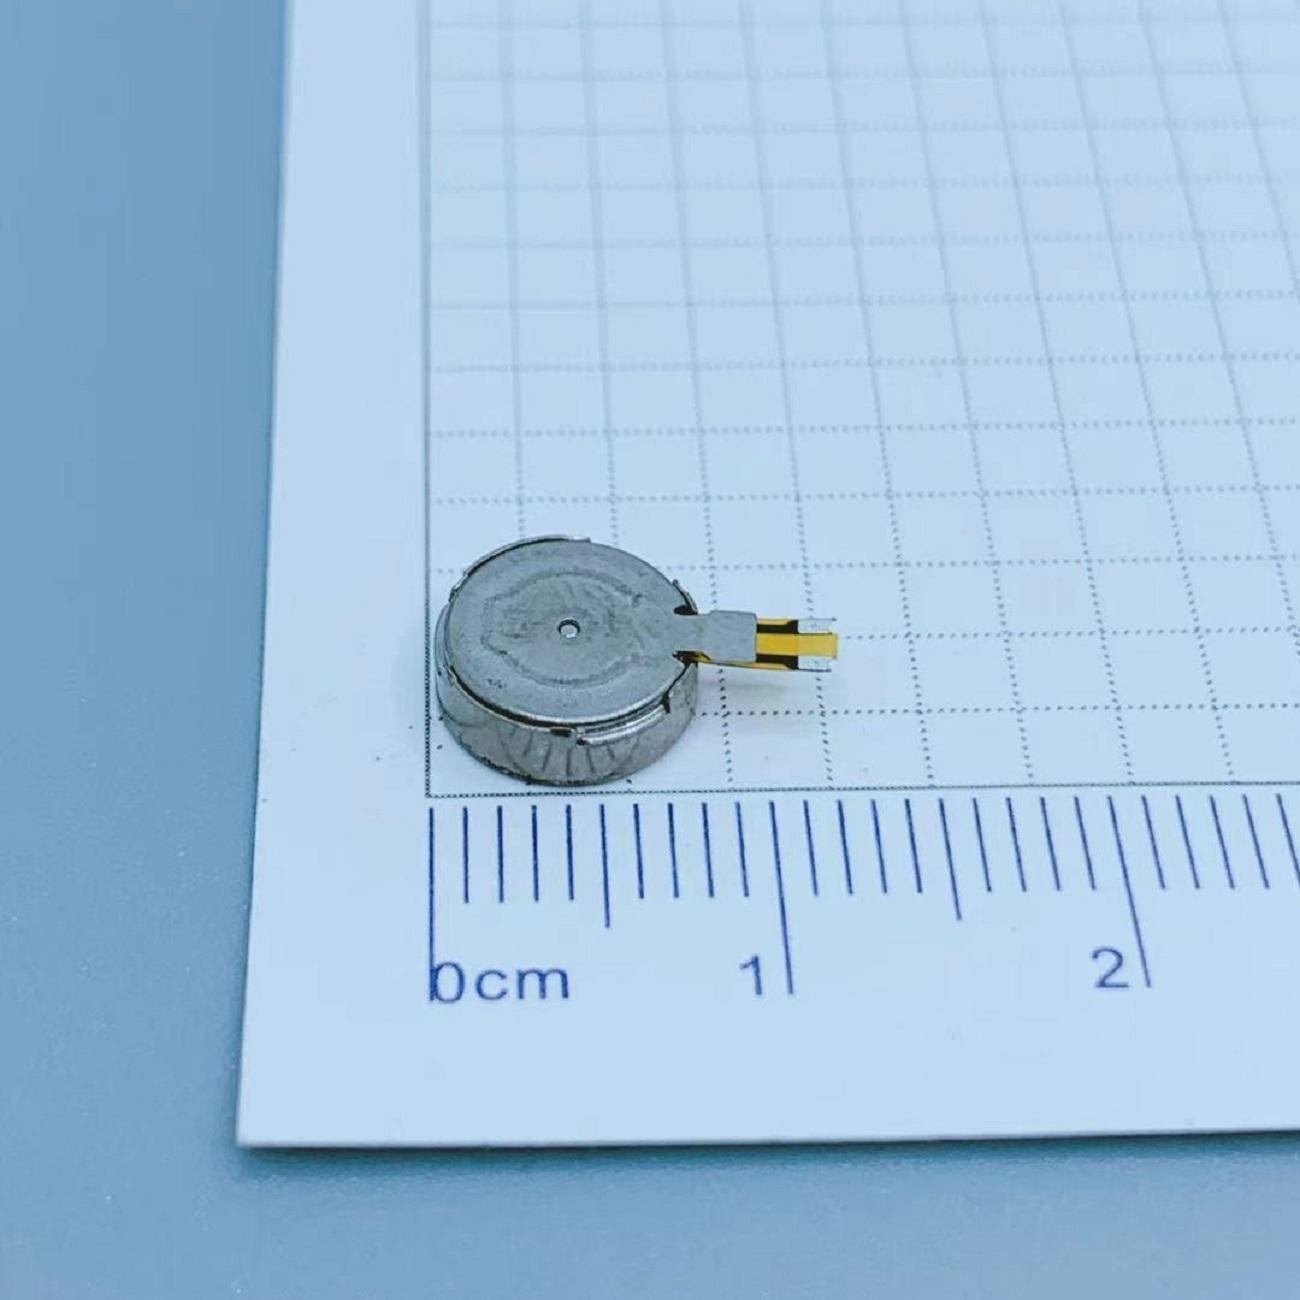 3V 8mm platt vibrerande mini elmotor F-PCB 0827